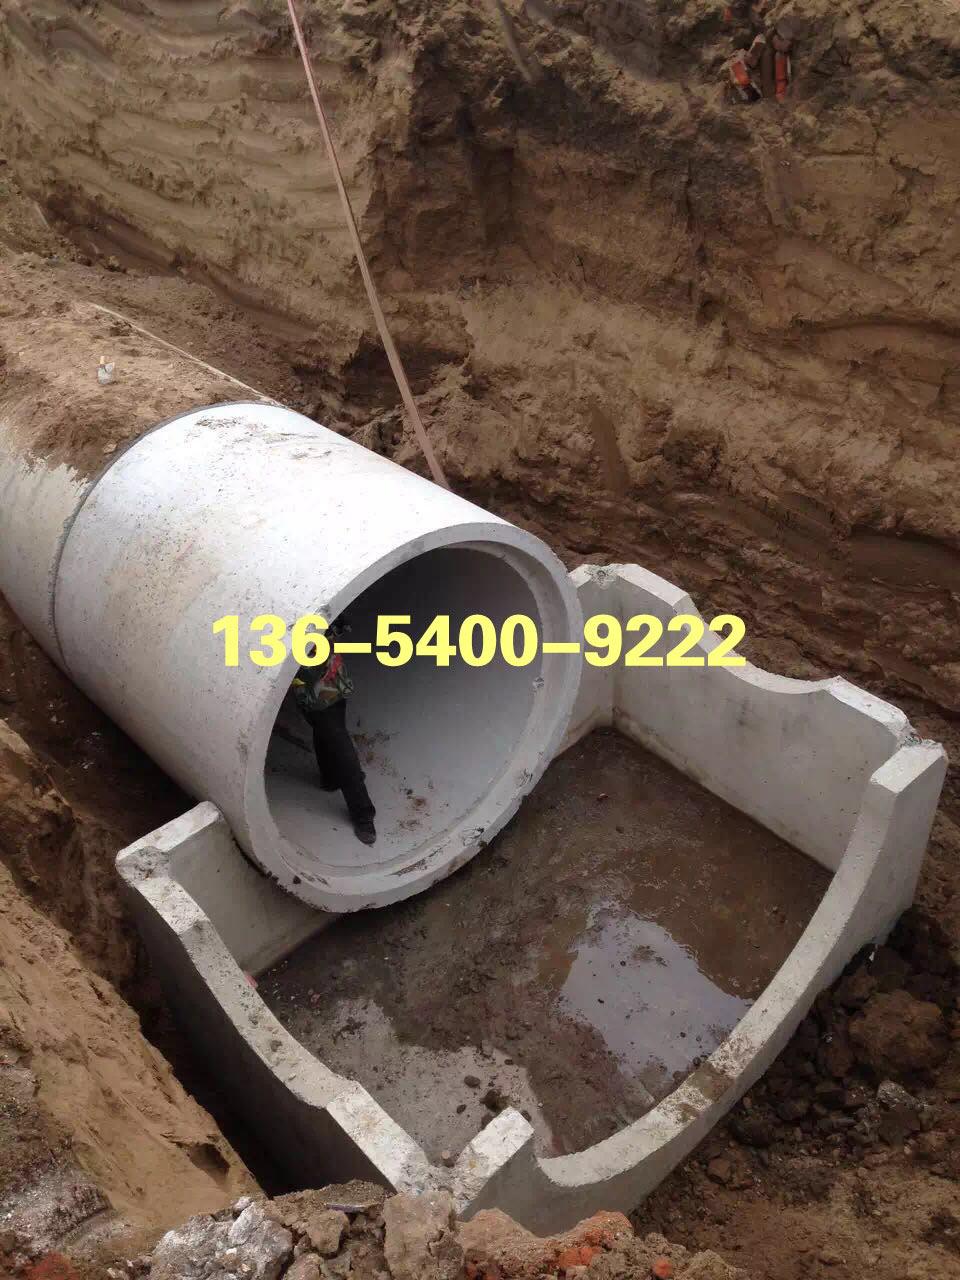 沈阳排水井厂家,大量供应排水井,方形排水井